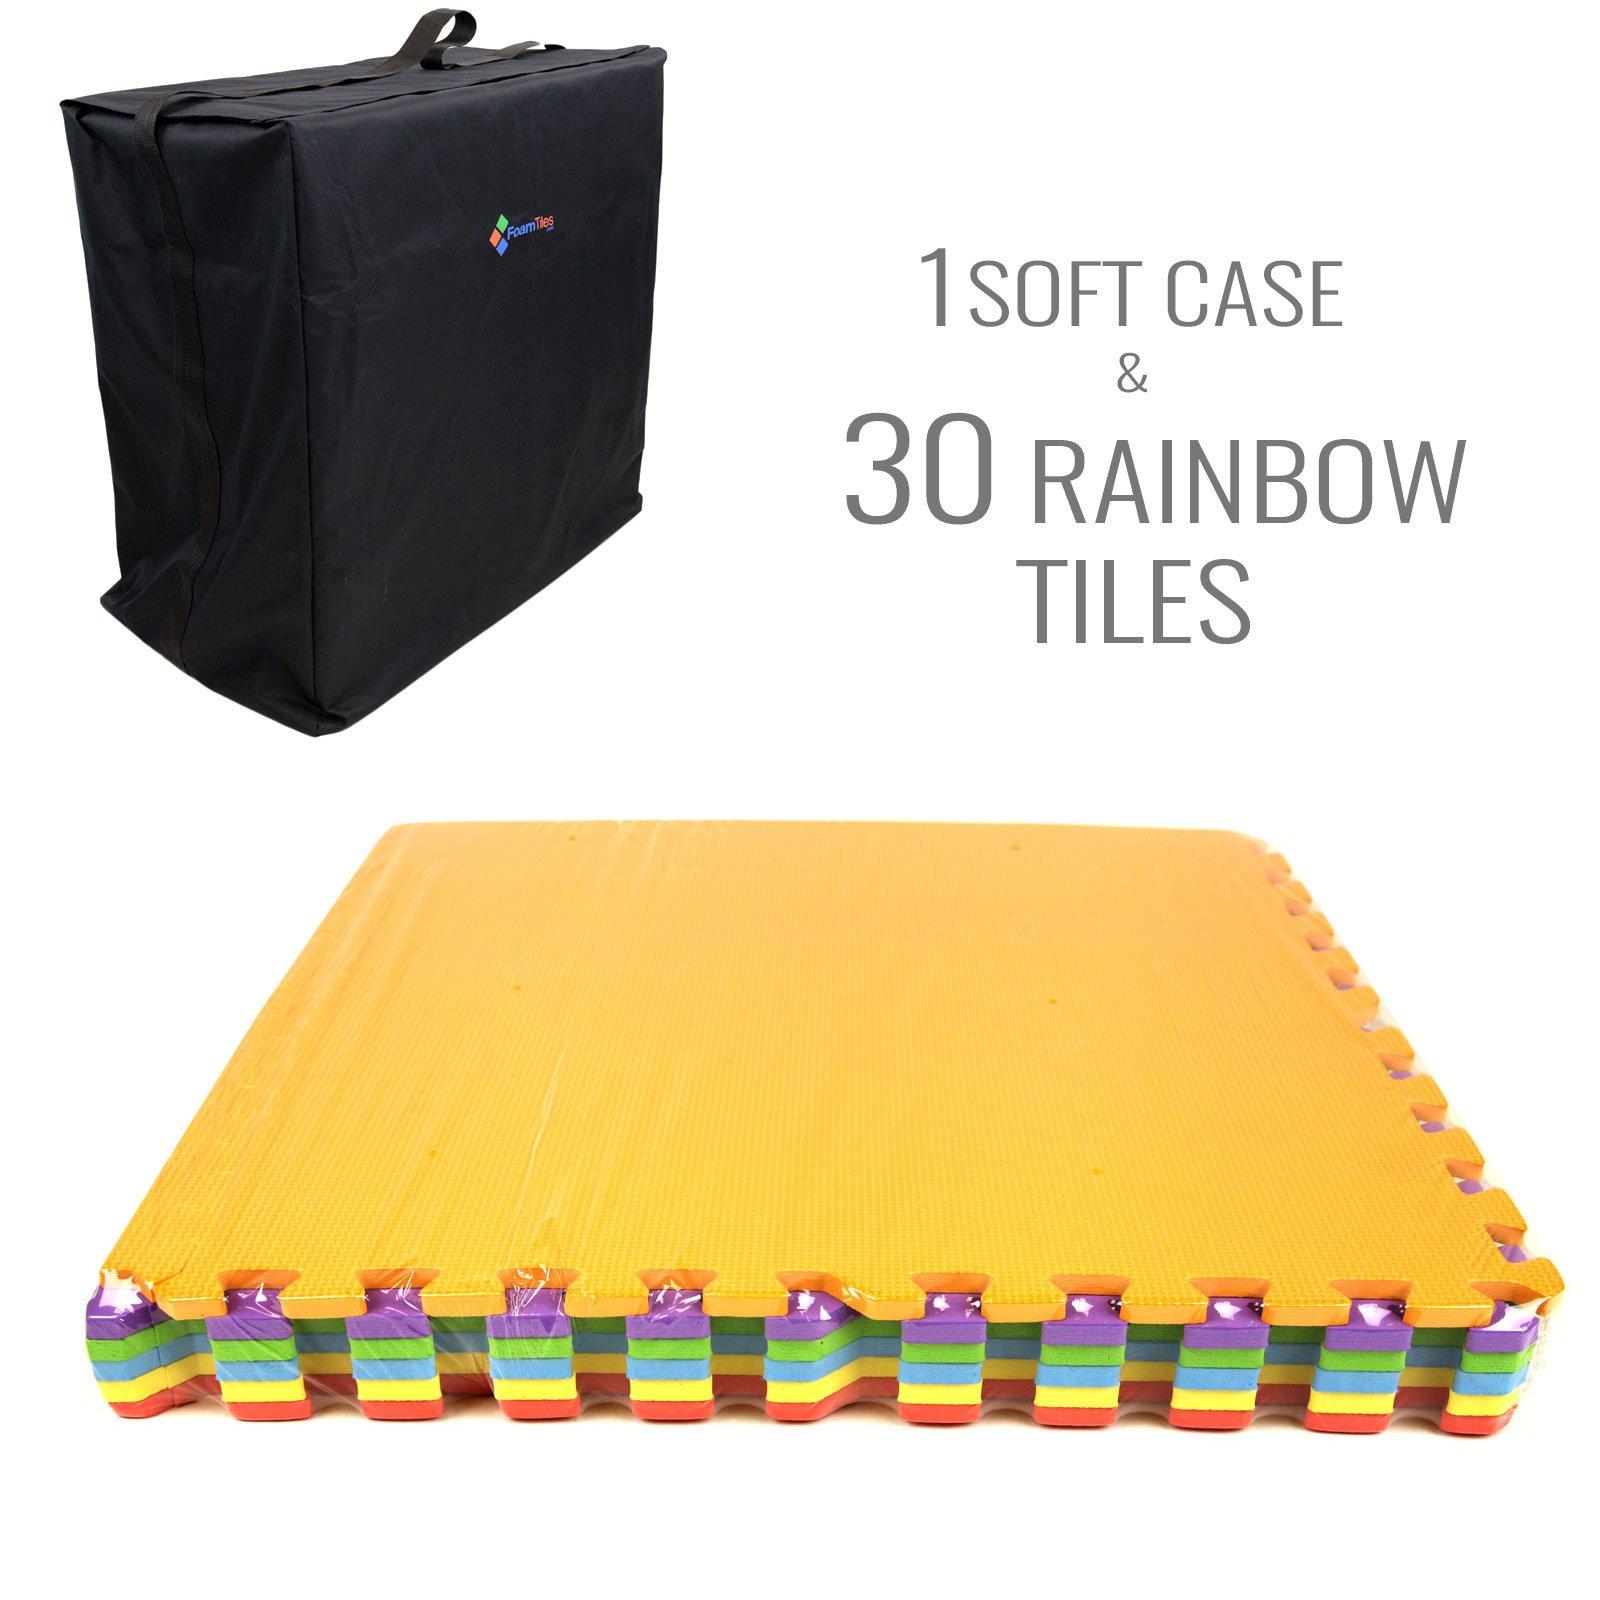 IncStores - Rainbow Foam Tiles (30 Pack w/Soft Case) - 2ft x 2ft Interlocking Foam Children's Portable Playmats by IncStores (Image #5)